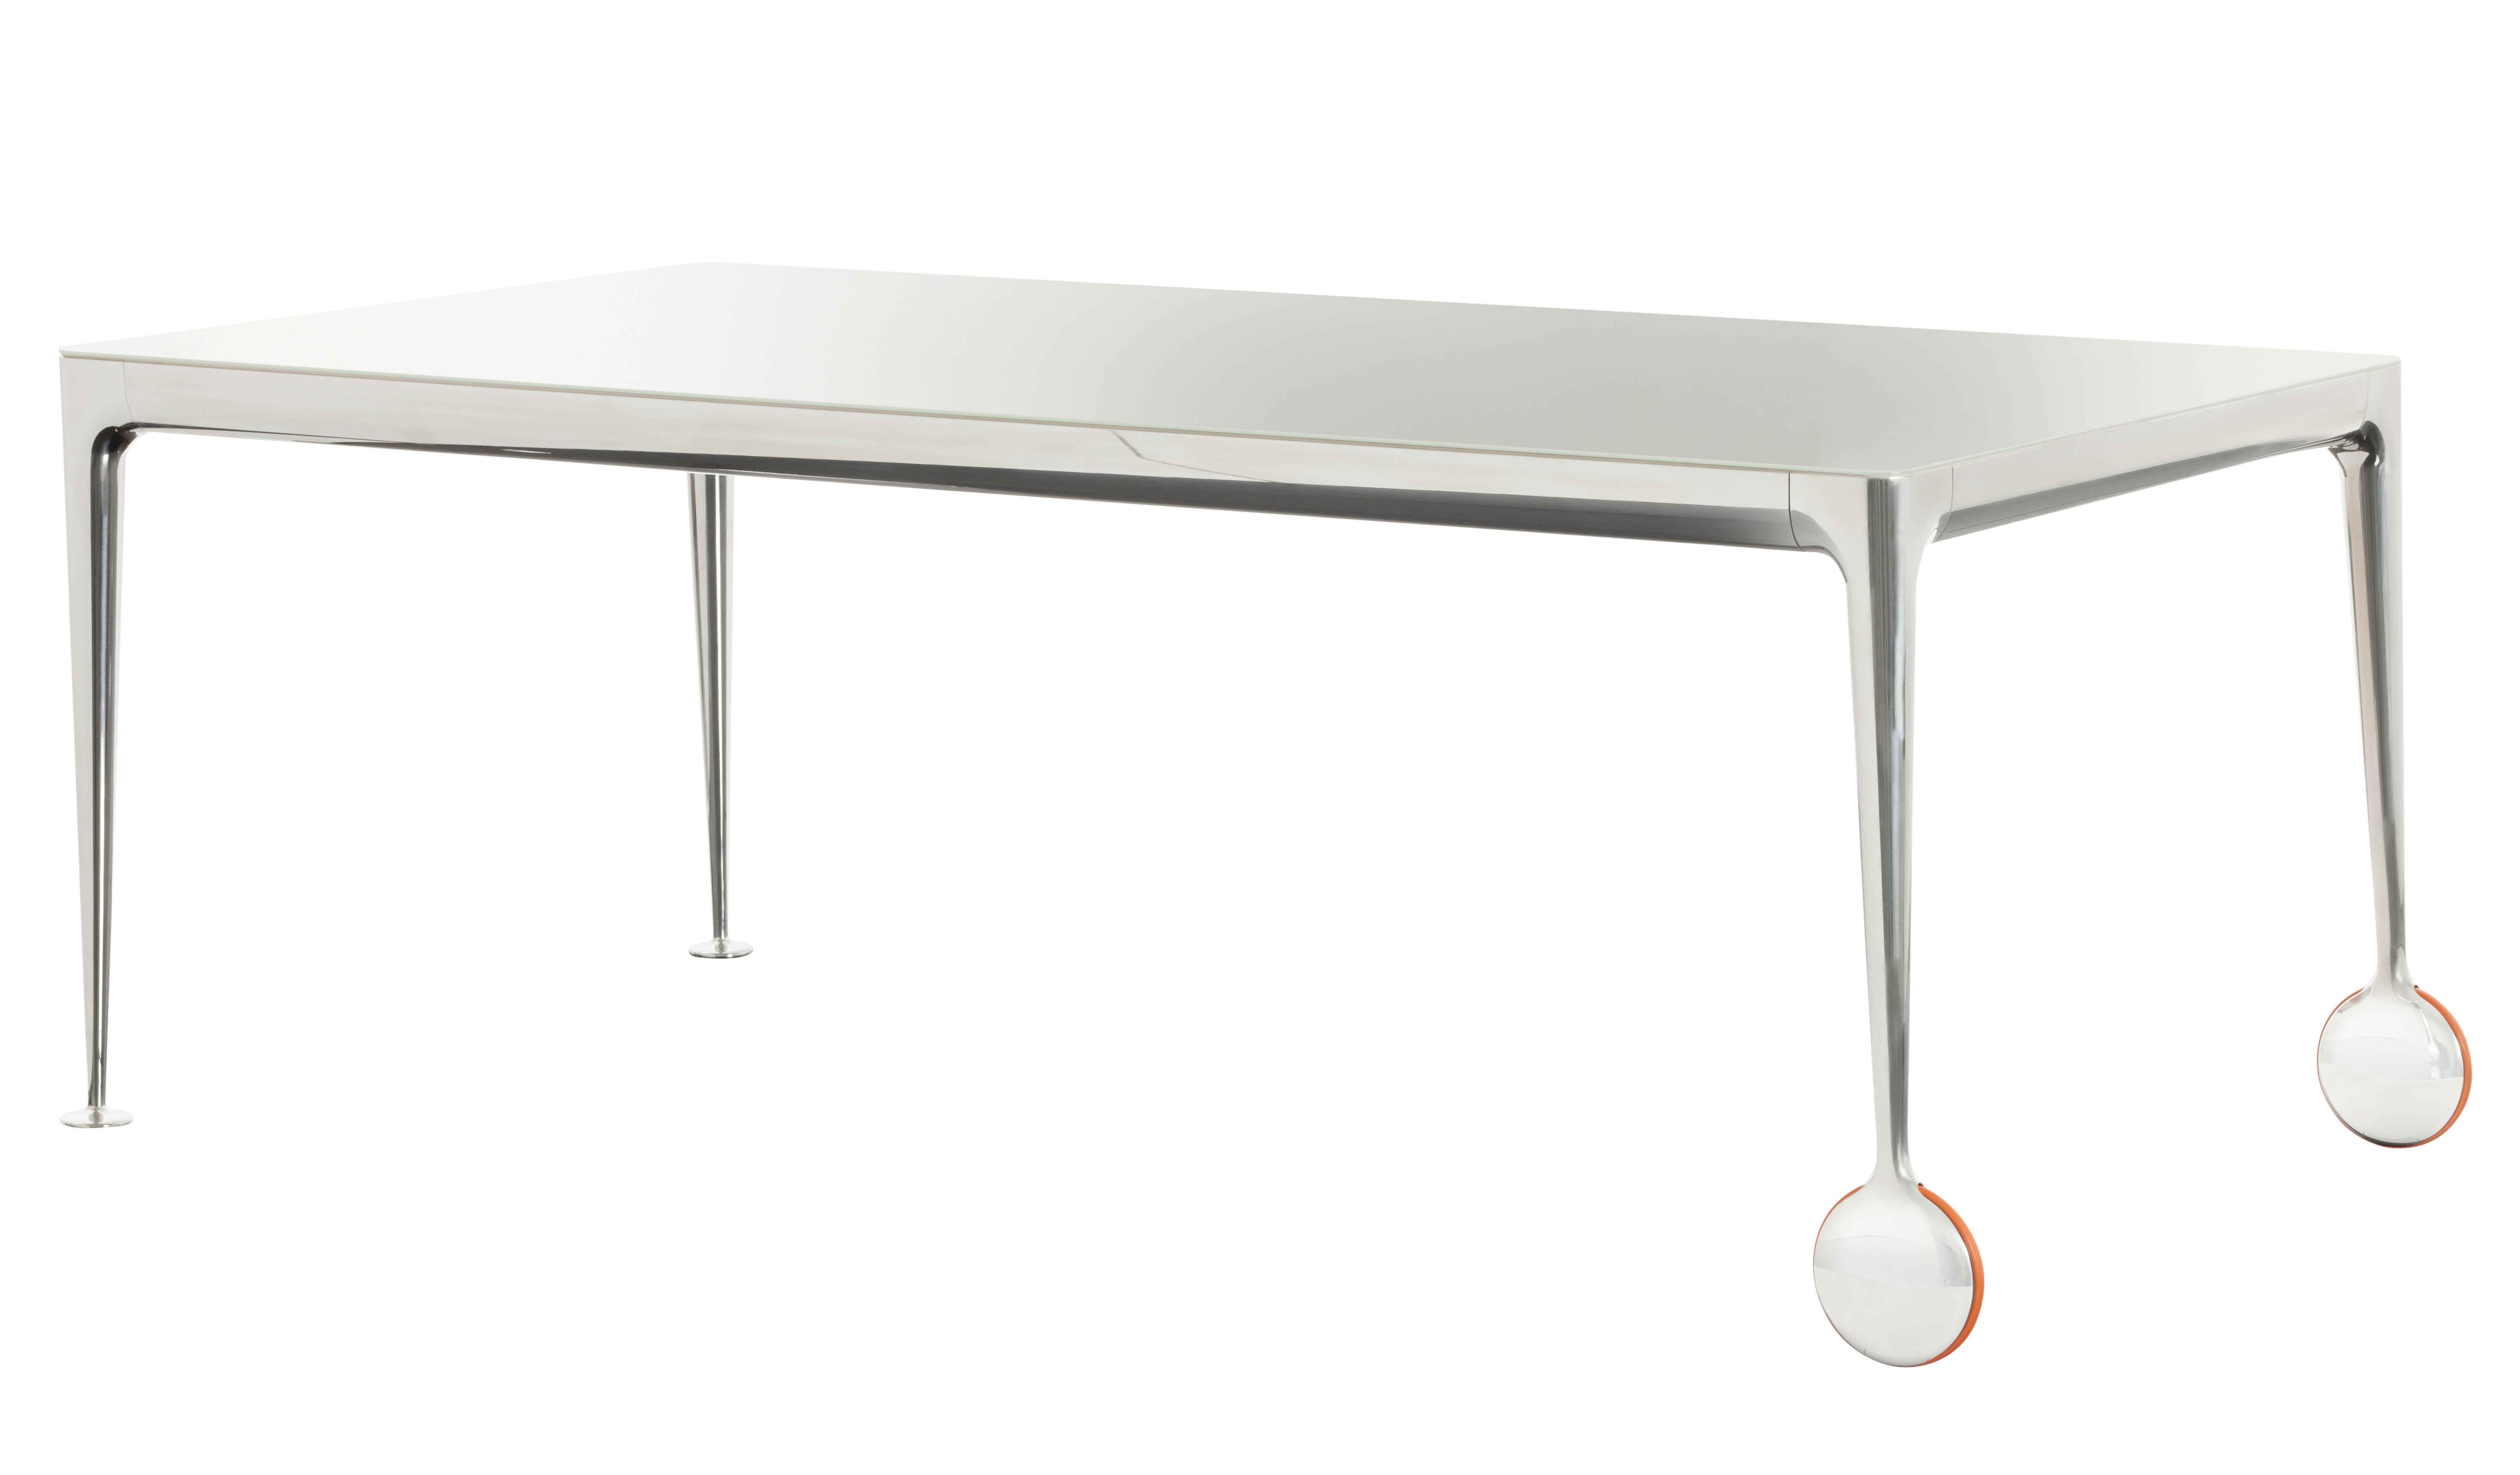 Mobilier - Tables - Table rectangulaire Big Will / 280 x 120 cm - Magis - Plateau blanc translucide / Pieds alu poli - Caoutchouc, Fonte d'aluminium poli, Verre trempé